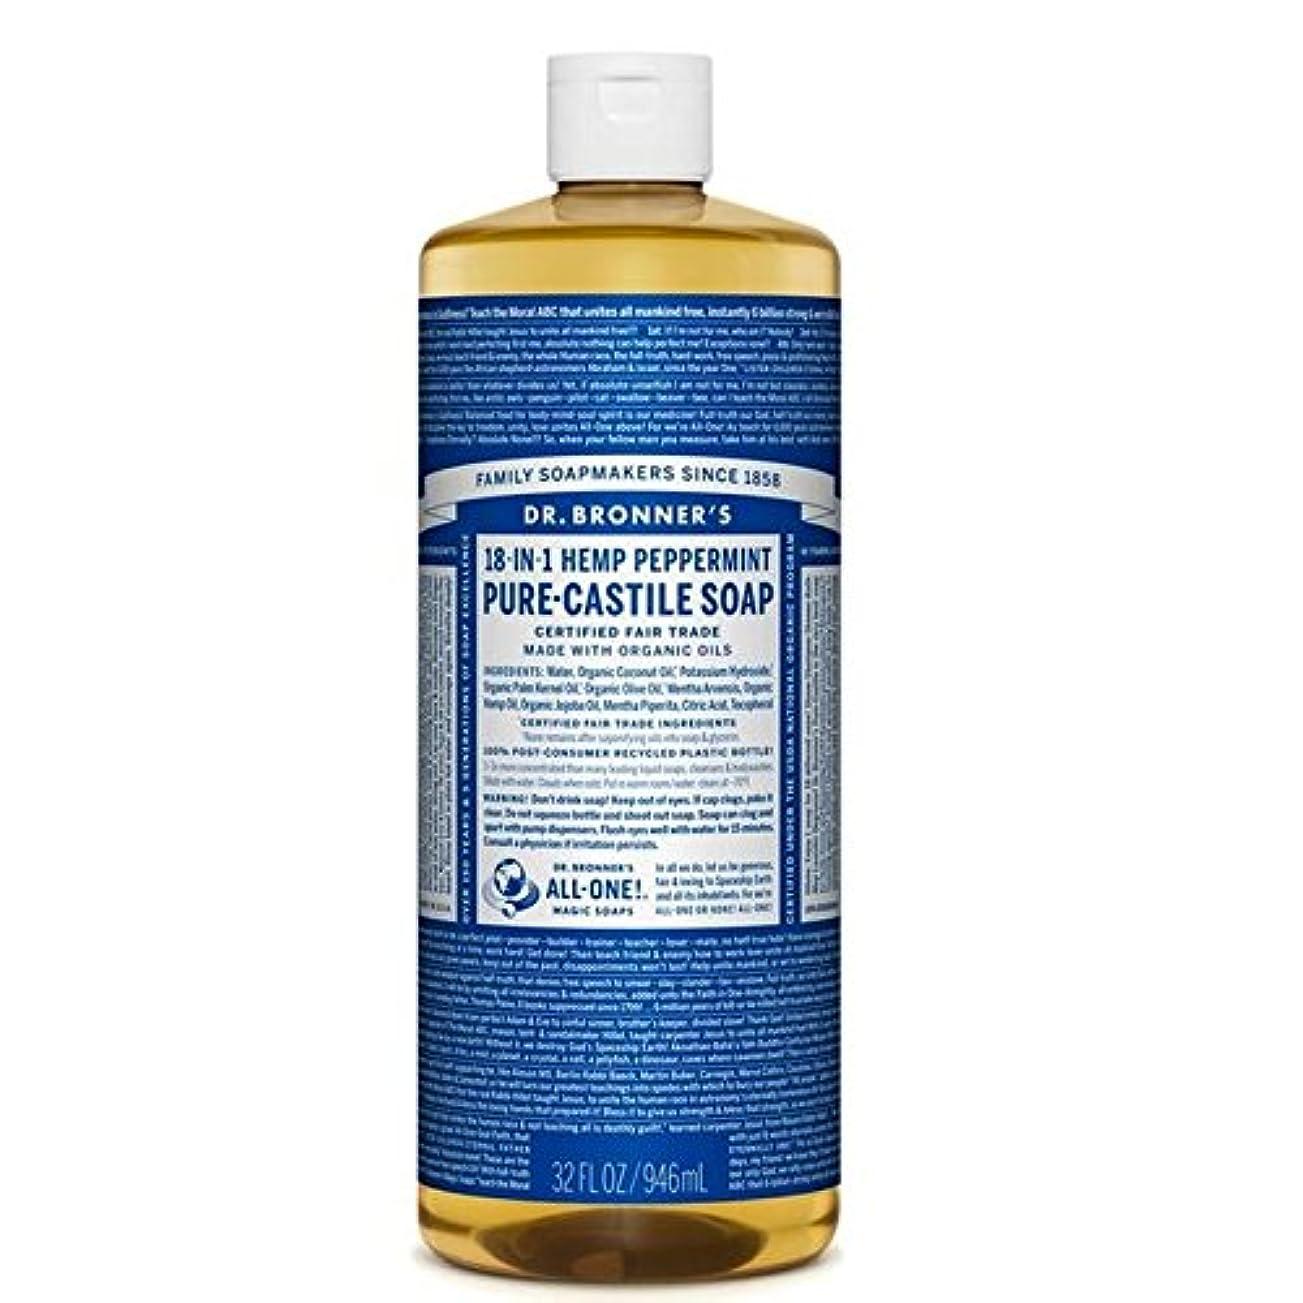 退屈な亡命ゴールデンのブロナー有機ペパーミントカスティーリャ液体石鹸946ミリリットル x2 - Dr Bronner Organic Peppermint Castile Liquid Soap 946ml (Pack of 2) [並行輸入品]